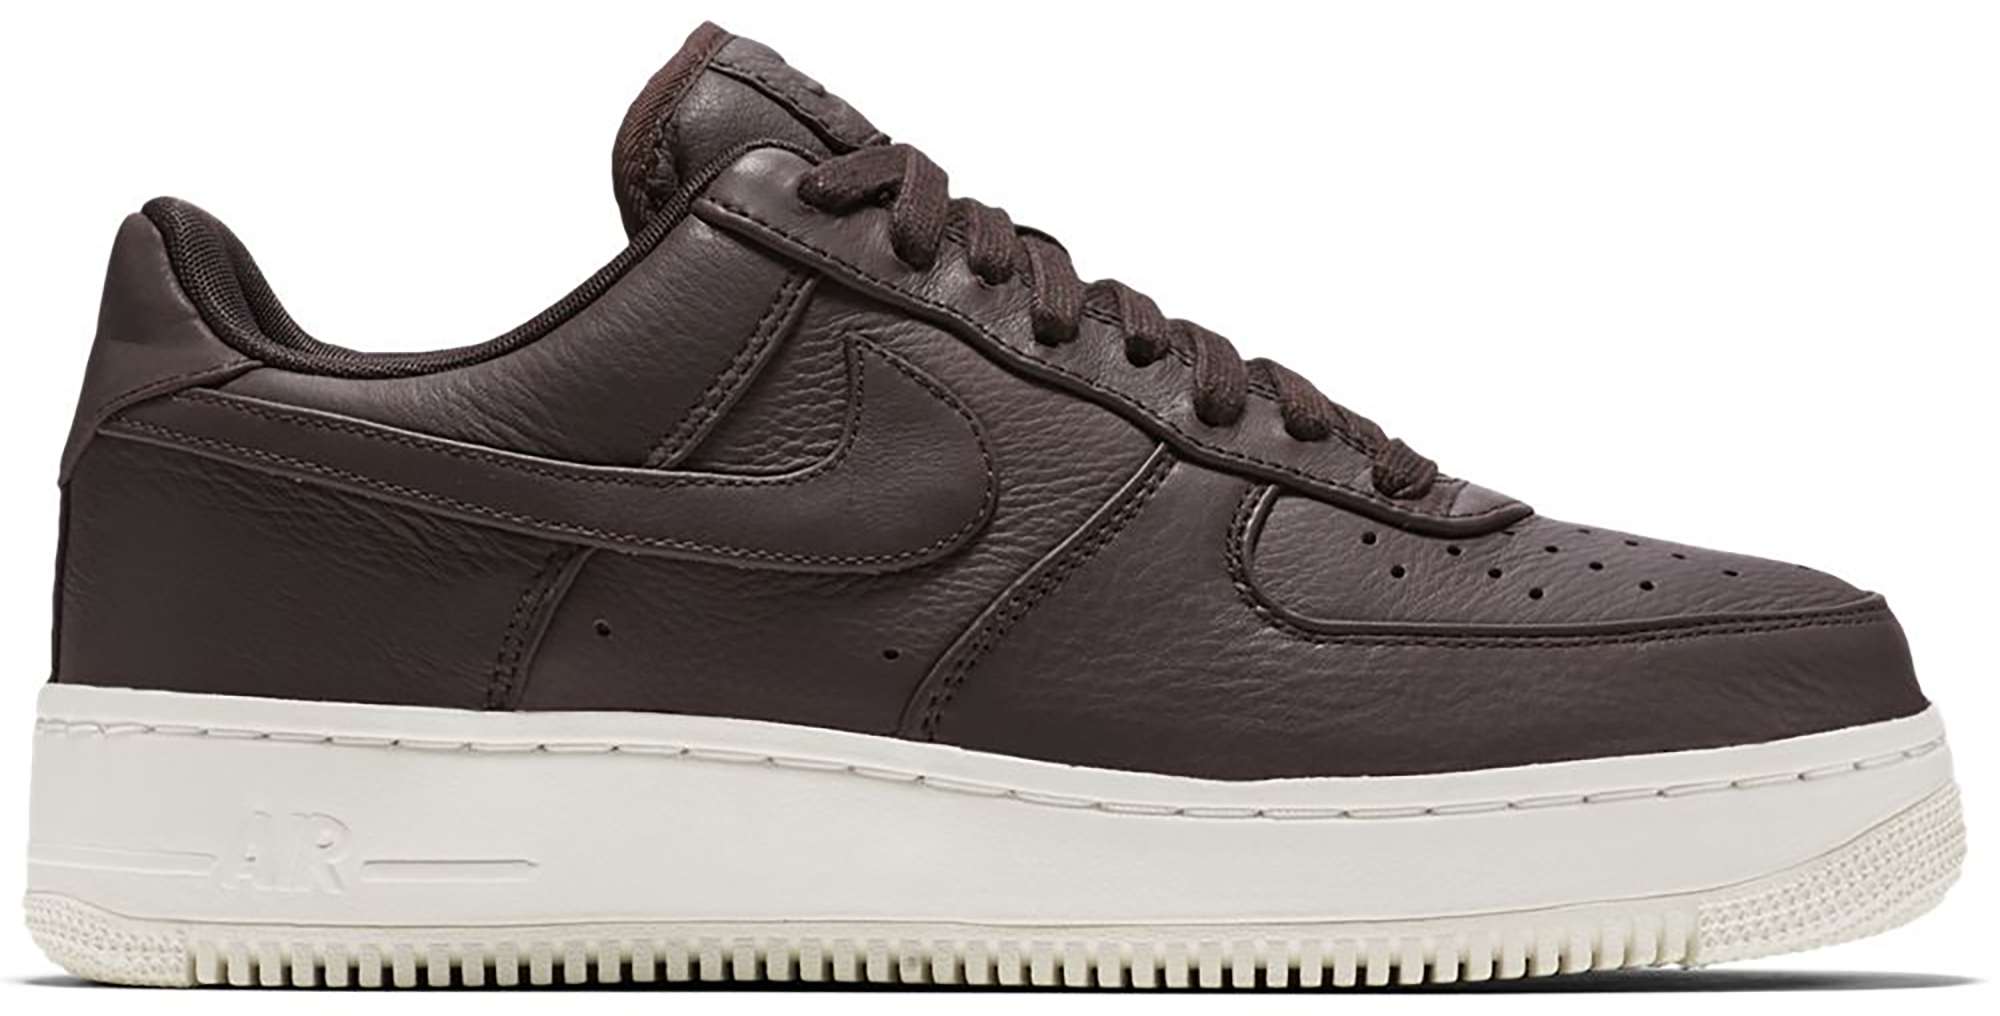 NikeLab Air Force 1 Low Velvet Brown